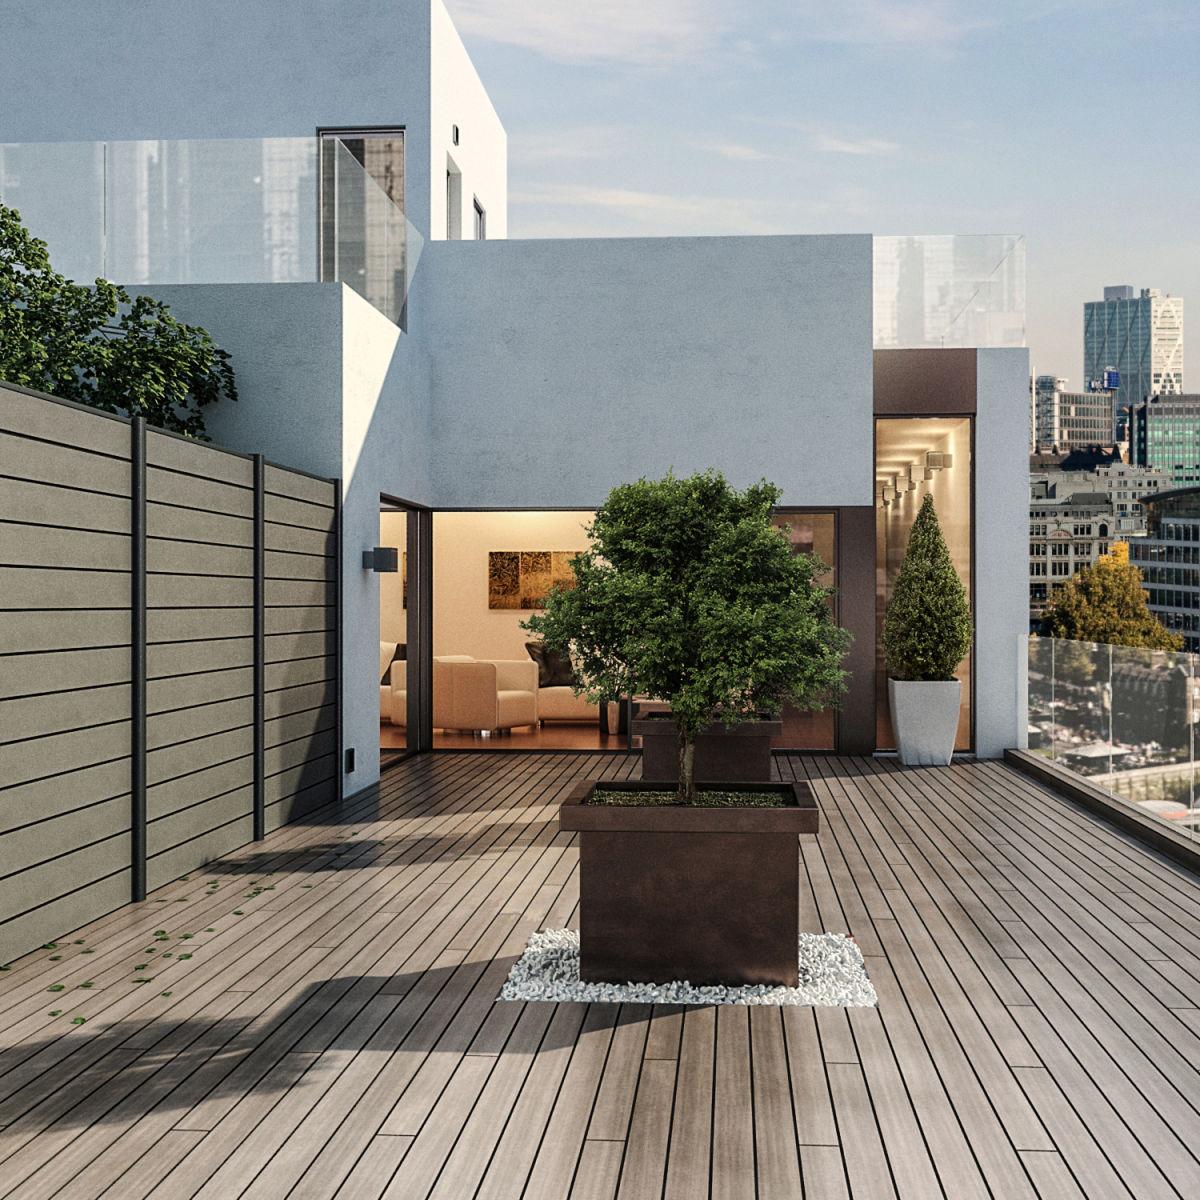 Fabulous giardino e kyoto pannelli antracite l x h cm with for Giardini sui terrazzi